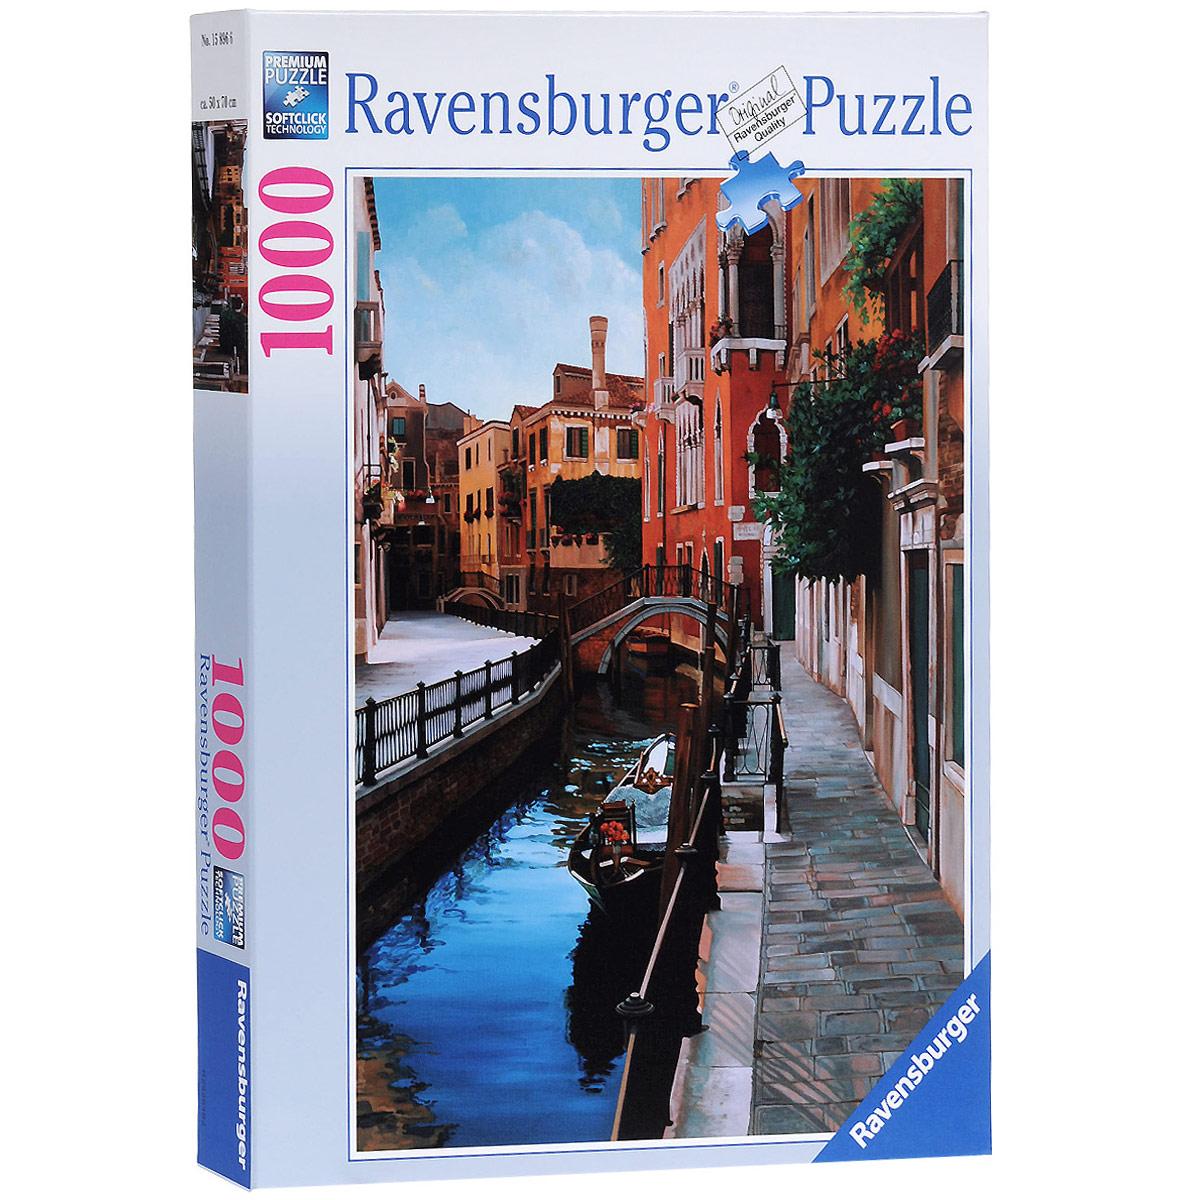 Ravensburger Венеция. Пазл, 1000 элементов15896Пазл Ravensburger Венеция, без сомнения, придется по душе вашему ребенку. Собрав этот пазл, включающий в себя 1000 элементов, вы получите великолепную картину. Каждая деталь имеет свою форму и подходит только на своё место. Нет двух одинаковых деталей! Пазл изготовлен из картона высочайшего качества. Все изображения аккуратно отсканированы и напечатаны на ламинированной бумаге. Пазлы - замечательная развивающая игра для детей. Собирание пазла развивает у ребенка мелкую моторику рук, тренирует наблюдательность, логическое мышление, знакомит с окружающим миром, с цветом и разнообразными формами, учит усидчивости и терпению, аккуратности и вниманию.